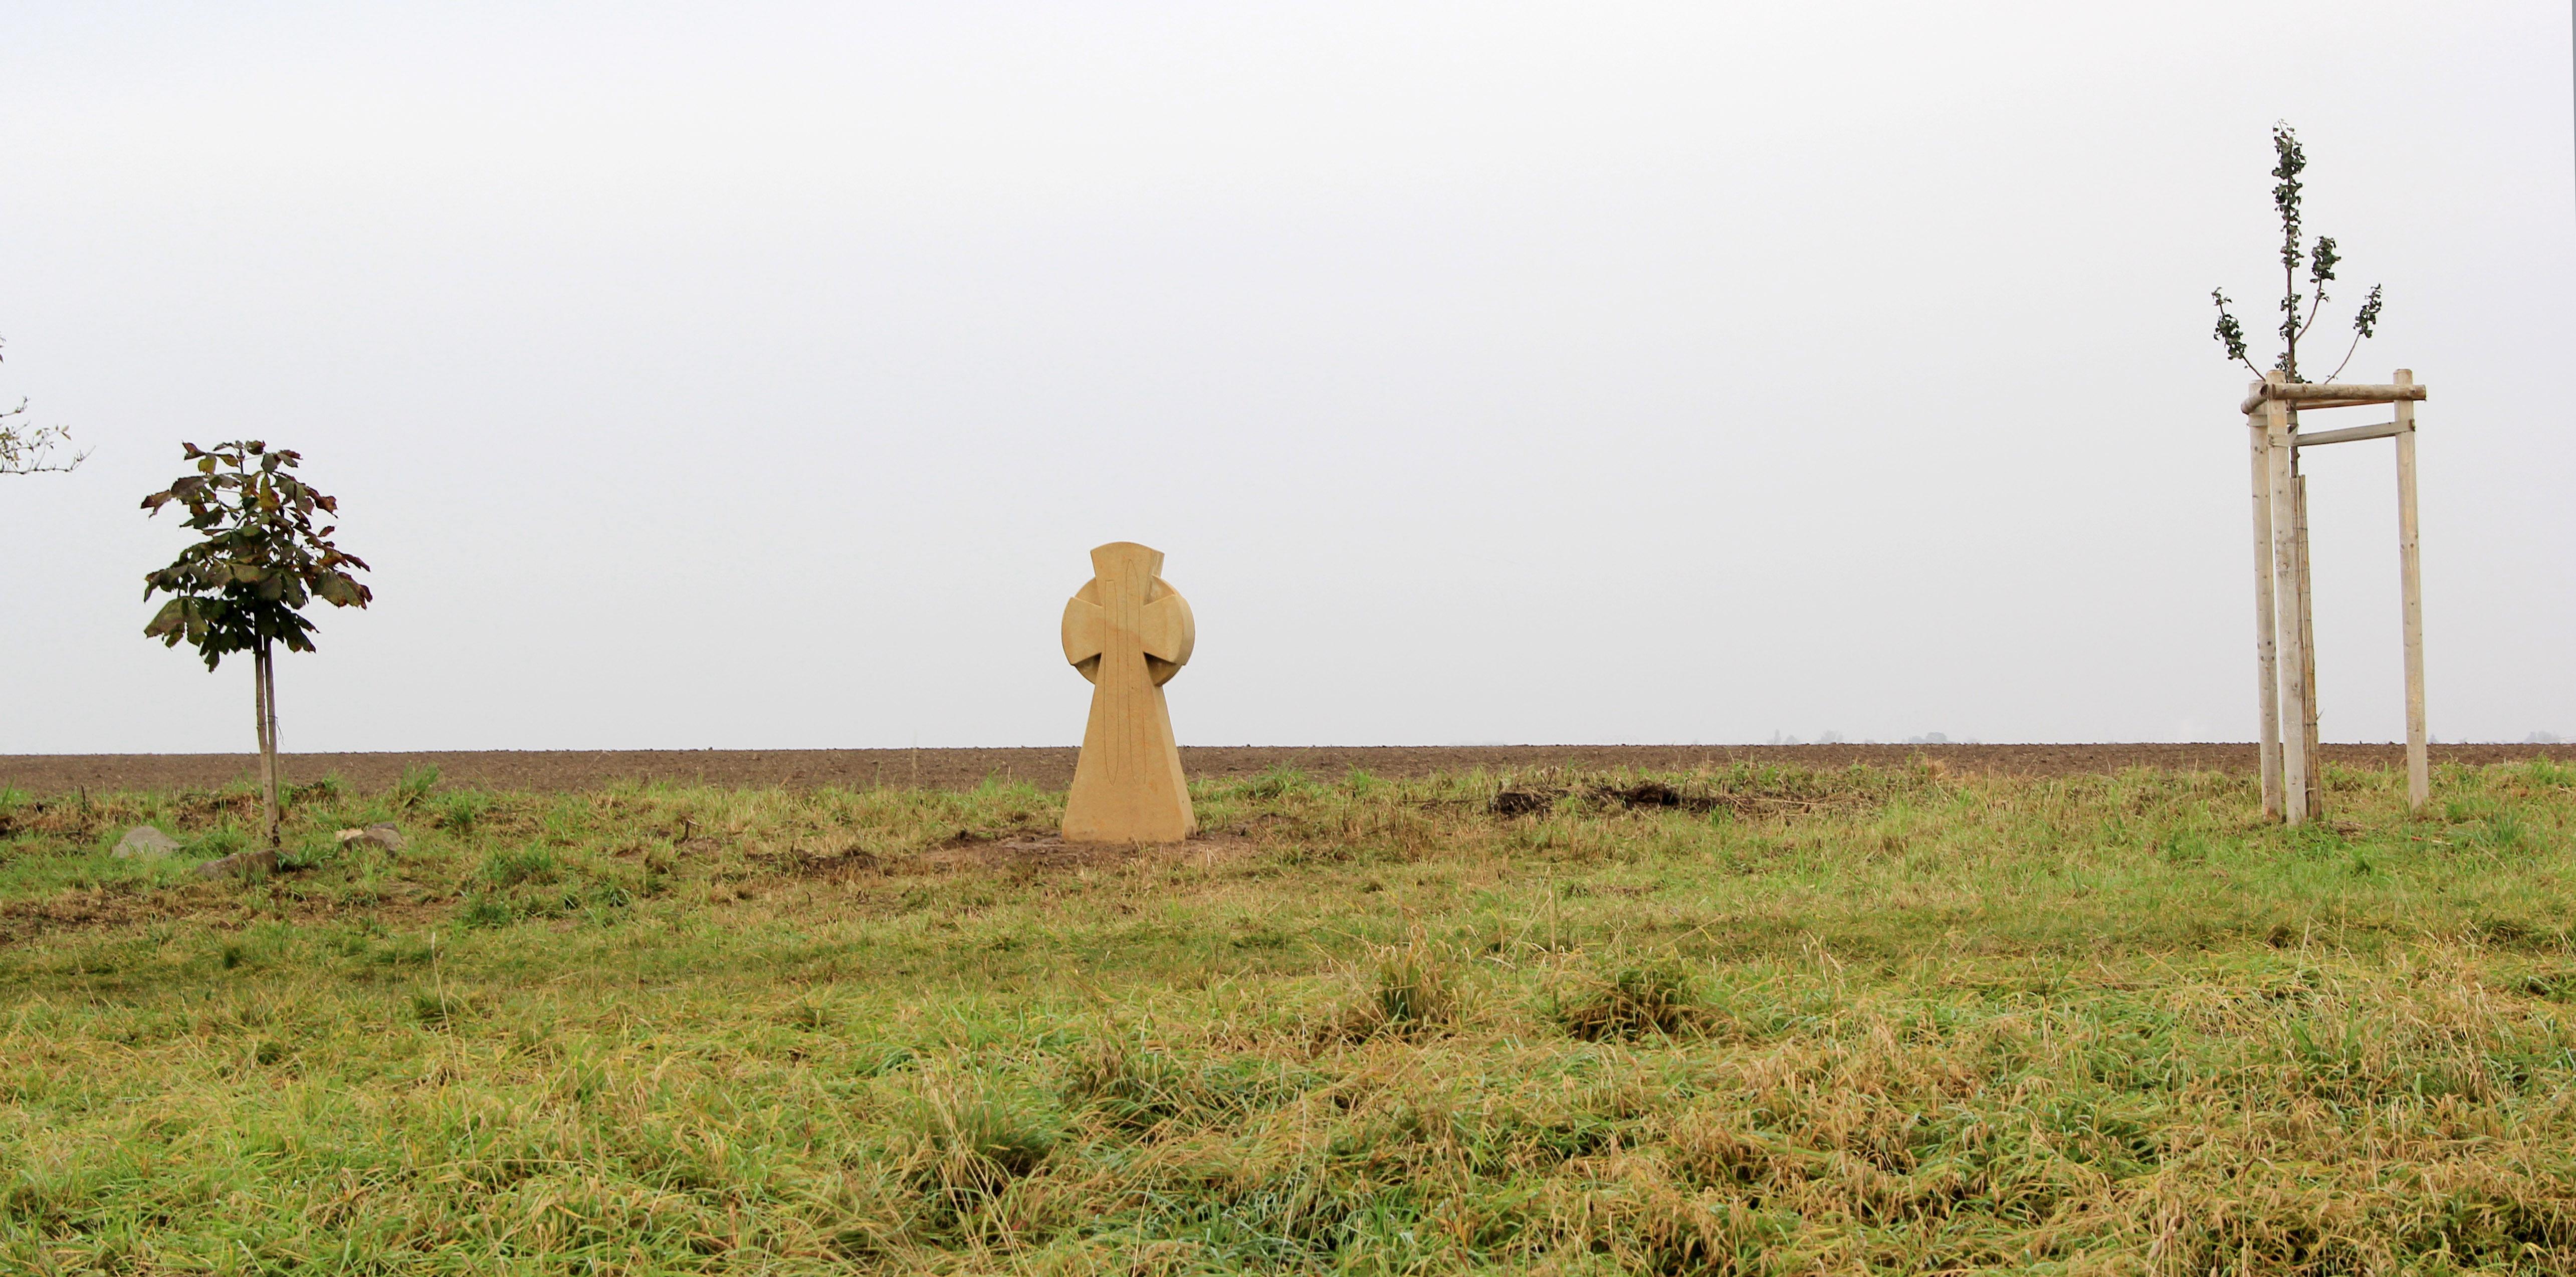 Auf Grünstreifen neben zwei jungen Bäumen steht ein Kreuz aus hellem Stein